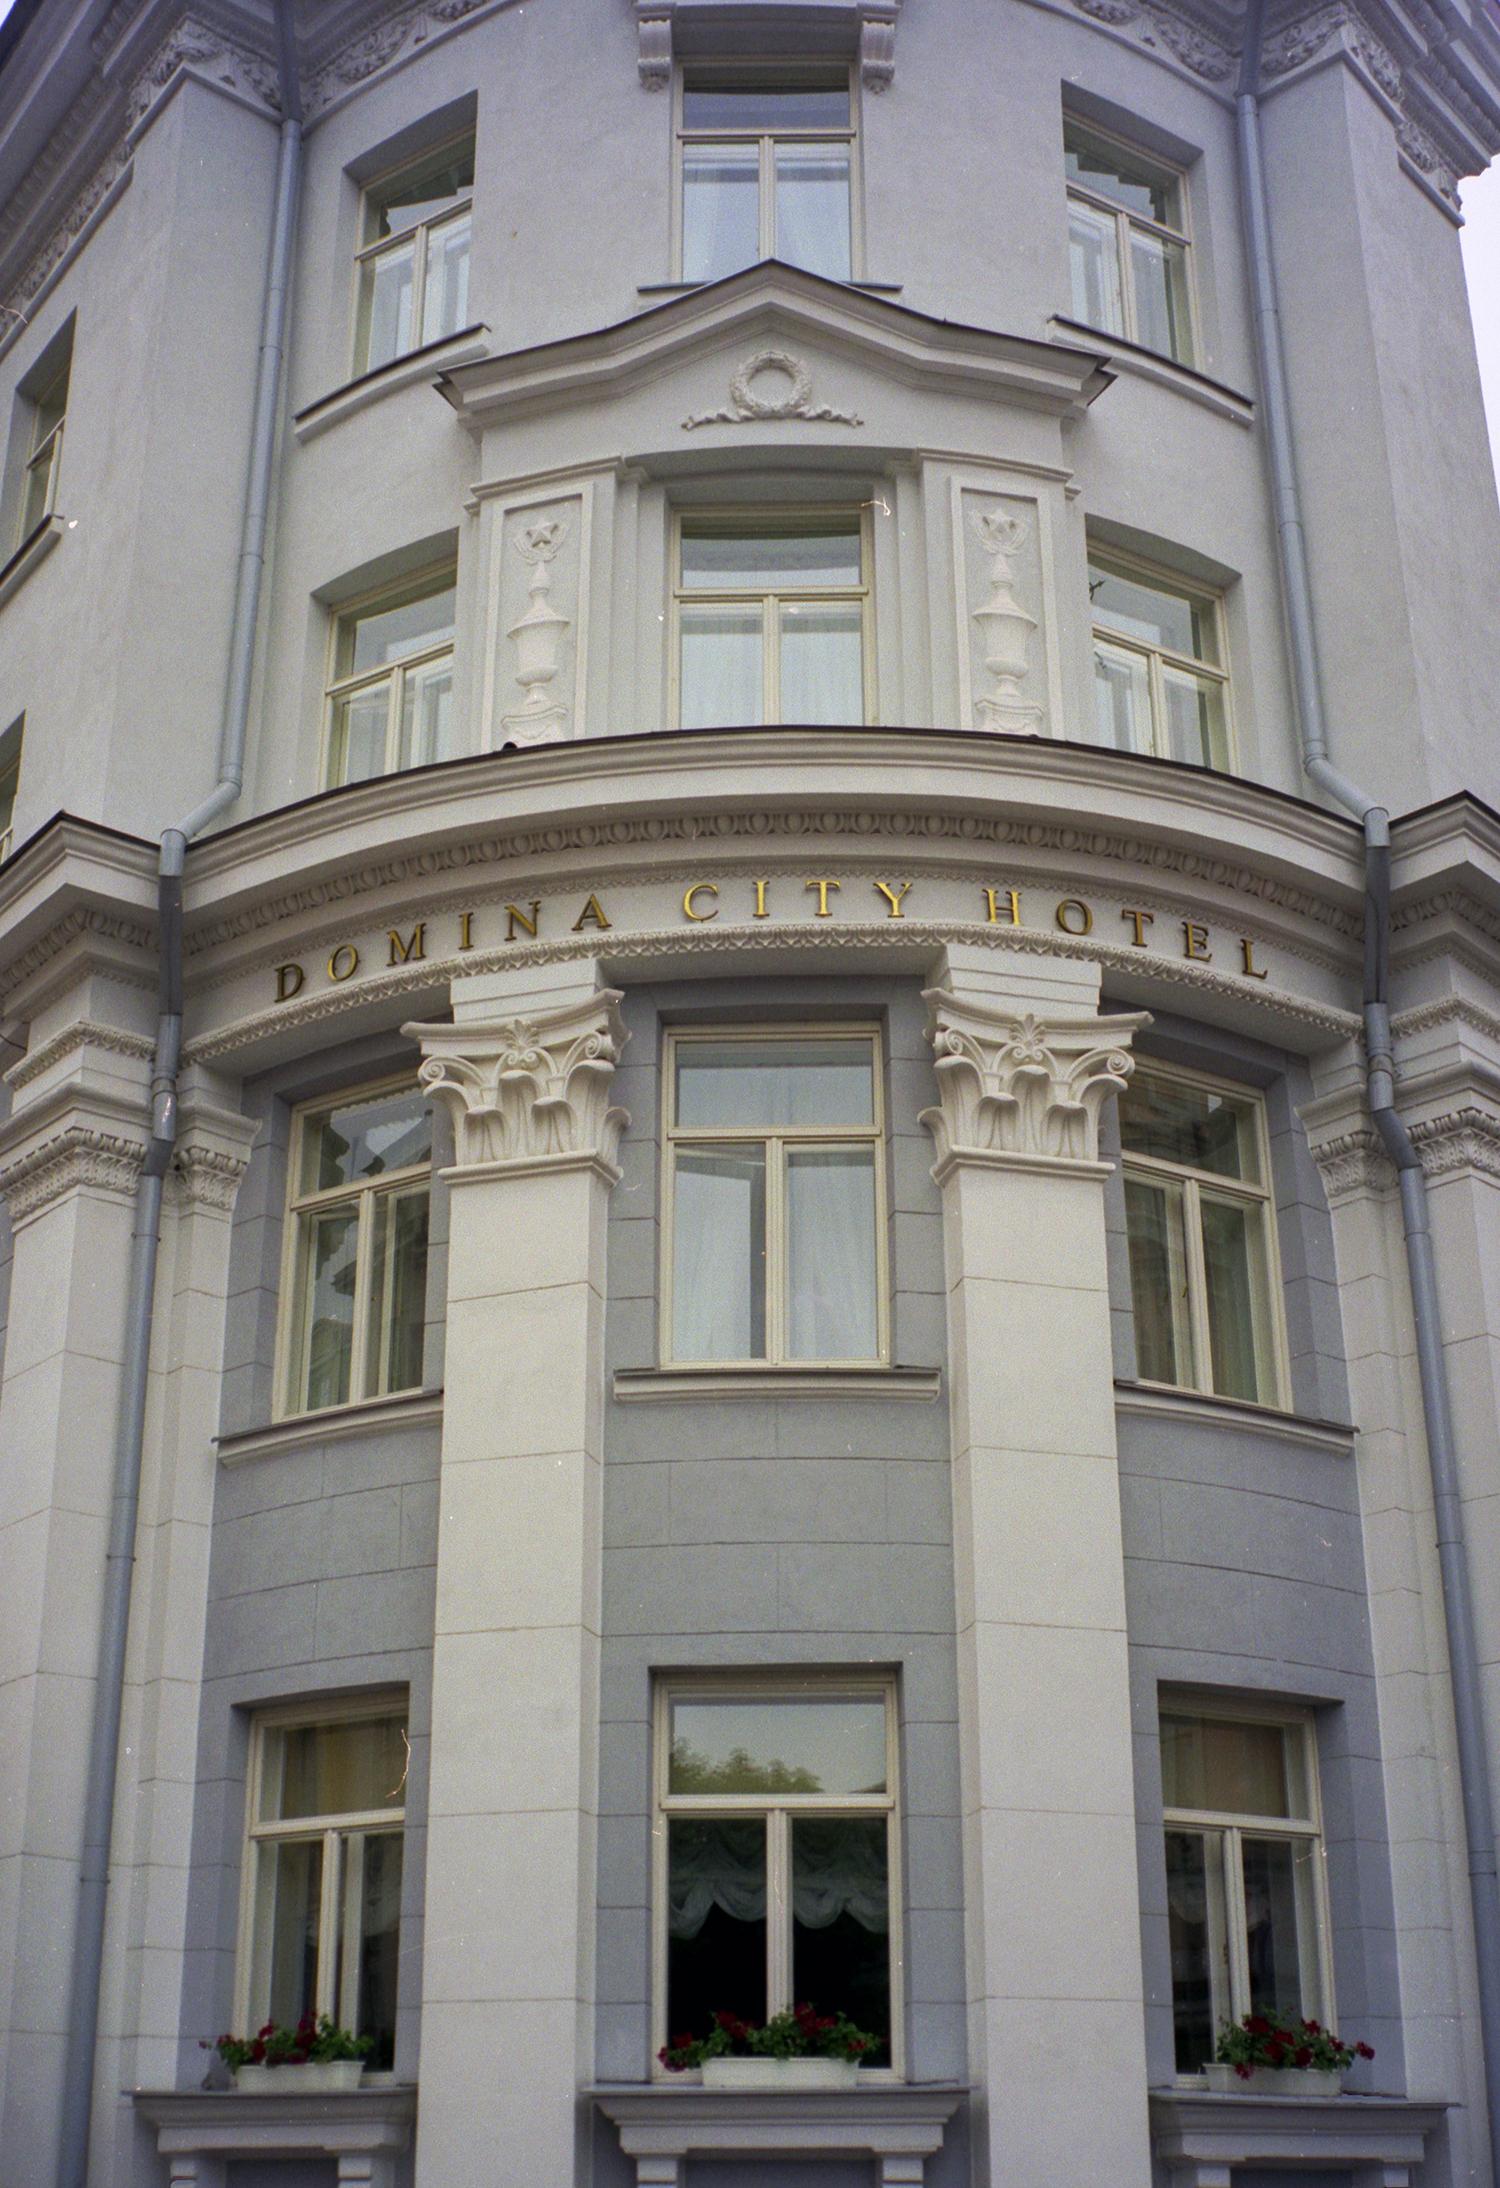 The Domina City Hotel